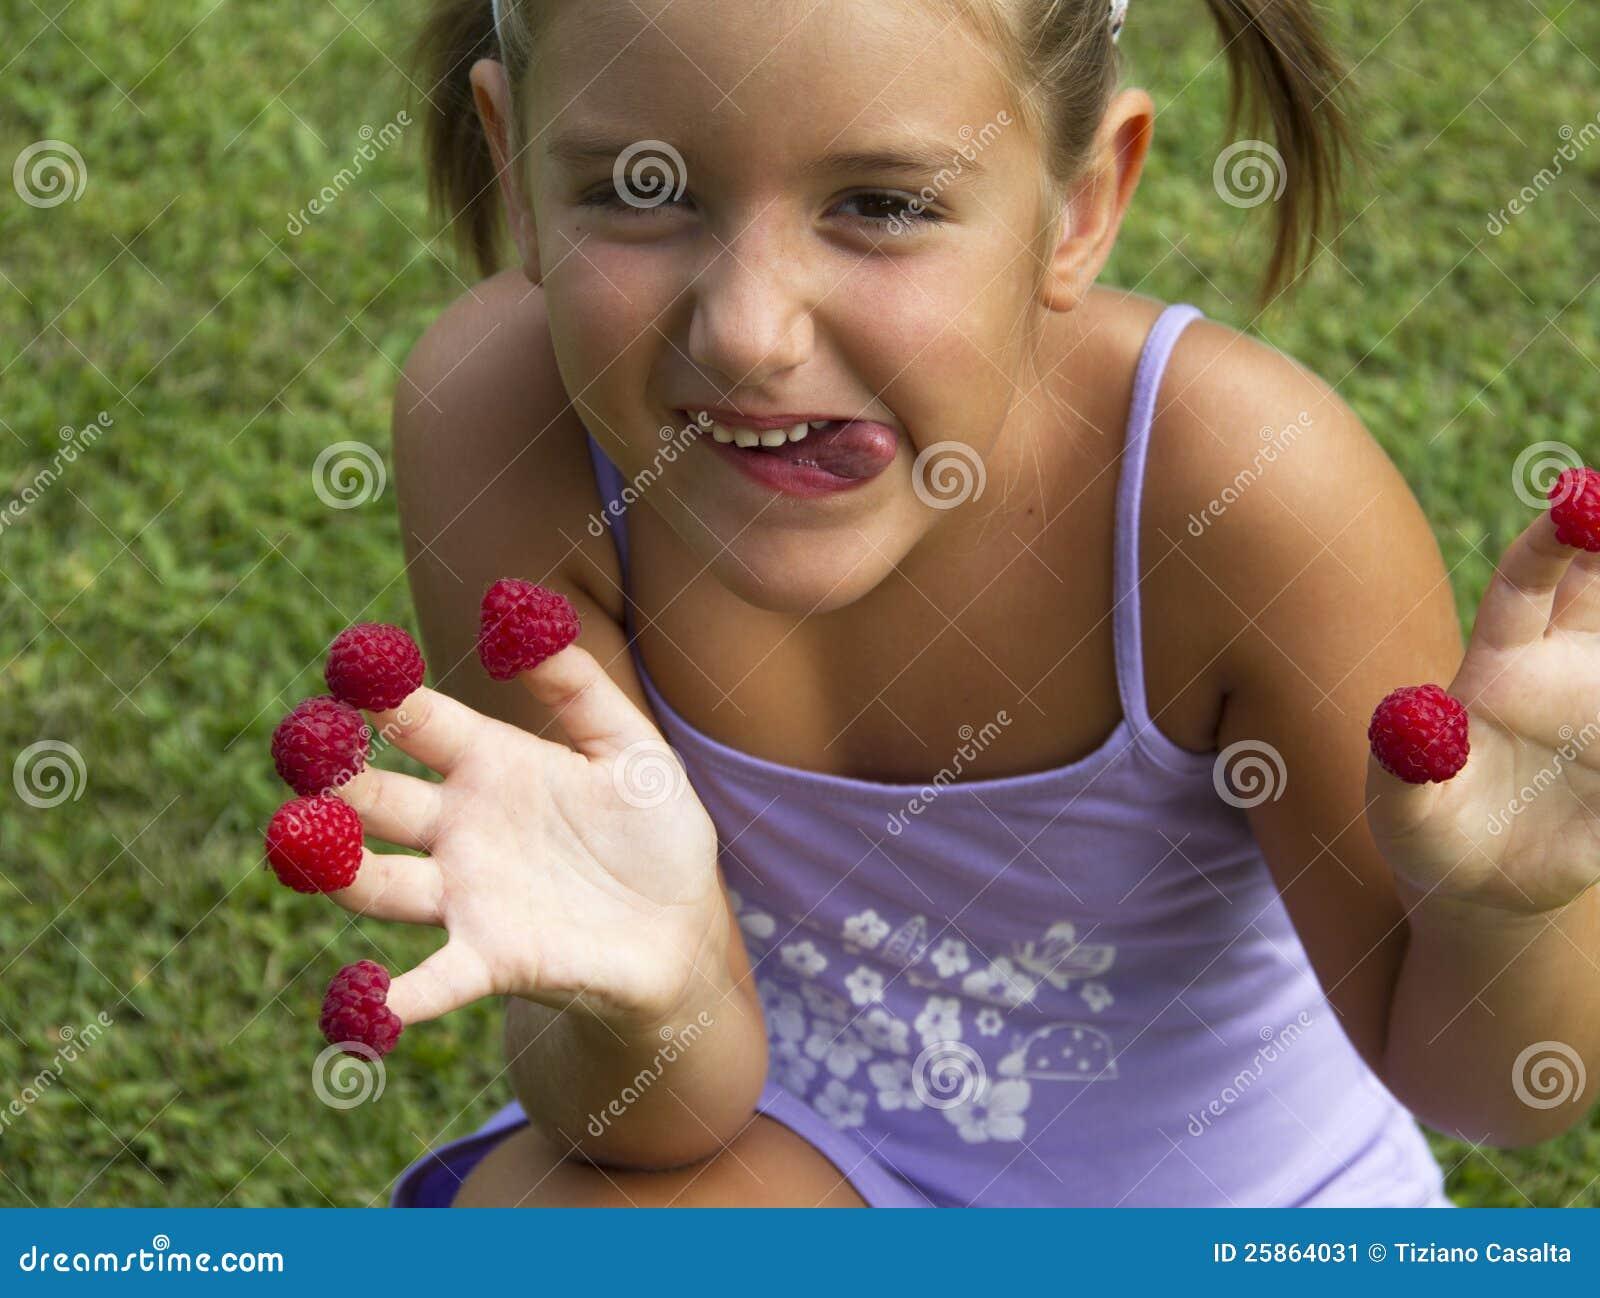 【小中学生】♪美少女らいすっき♪ 377 【天てれ・子役・素人・ボゴOK】 [無断転載禁止]©2ch.netYouTube動画>31本 ->画像>3572枚